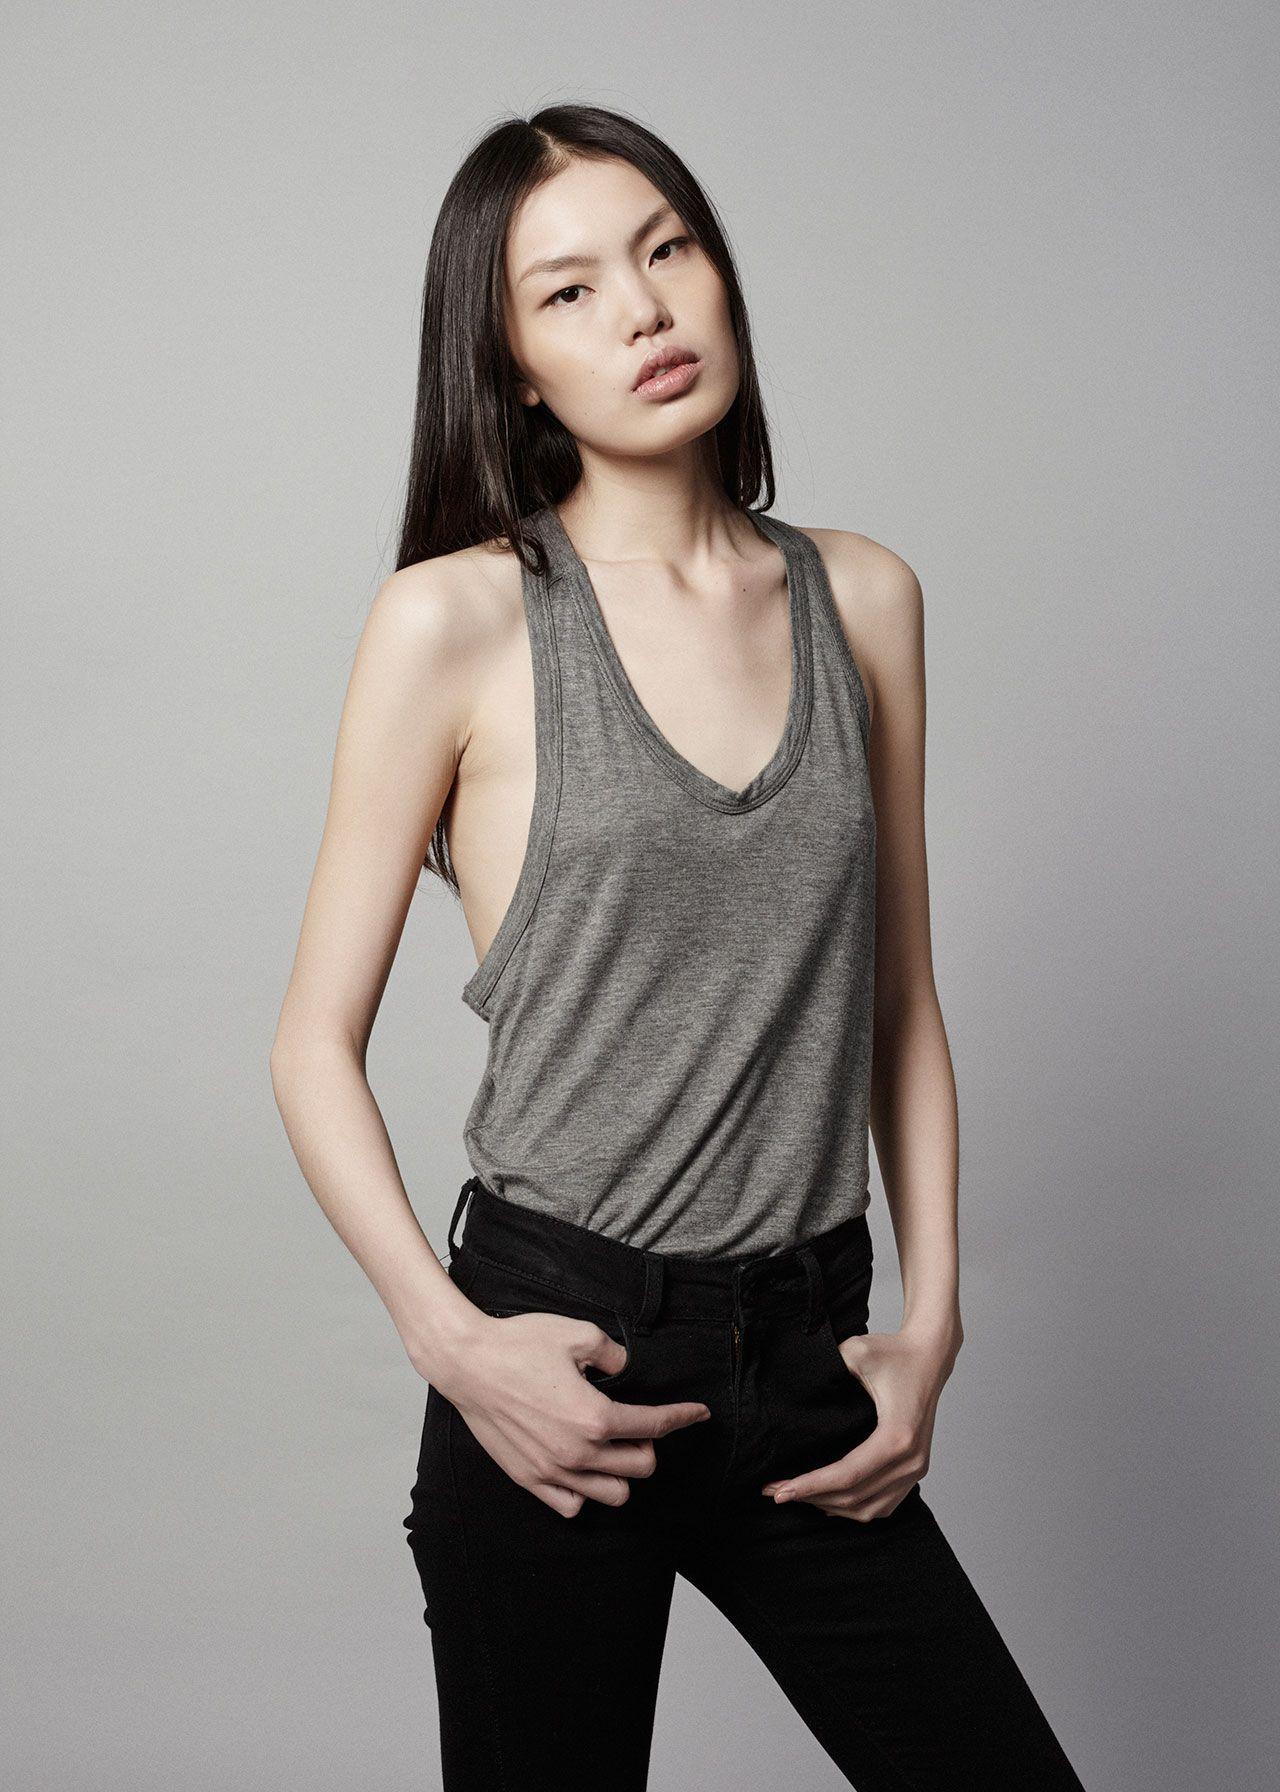 Asian Modeling